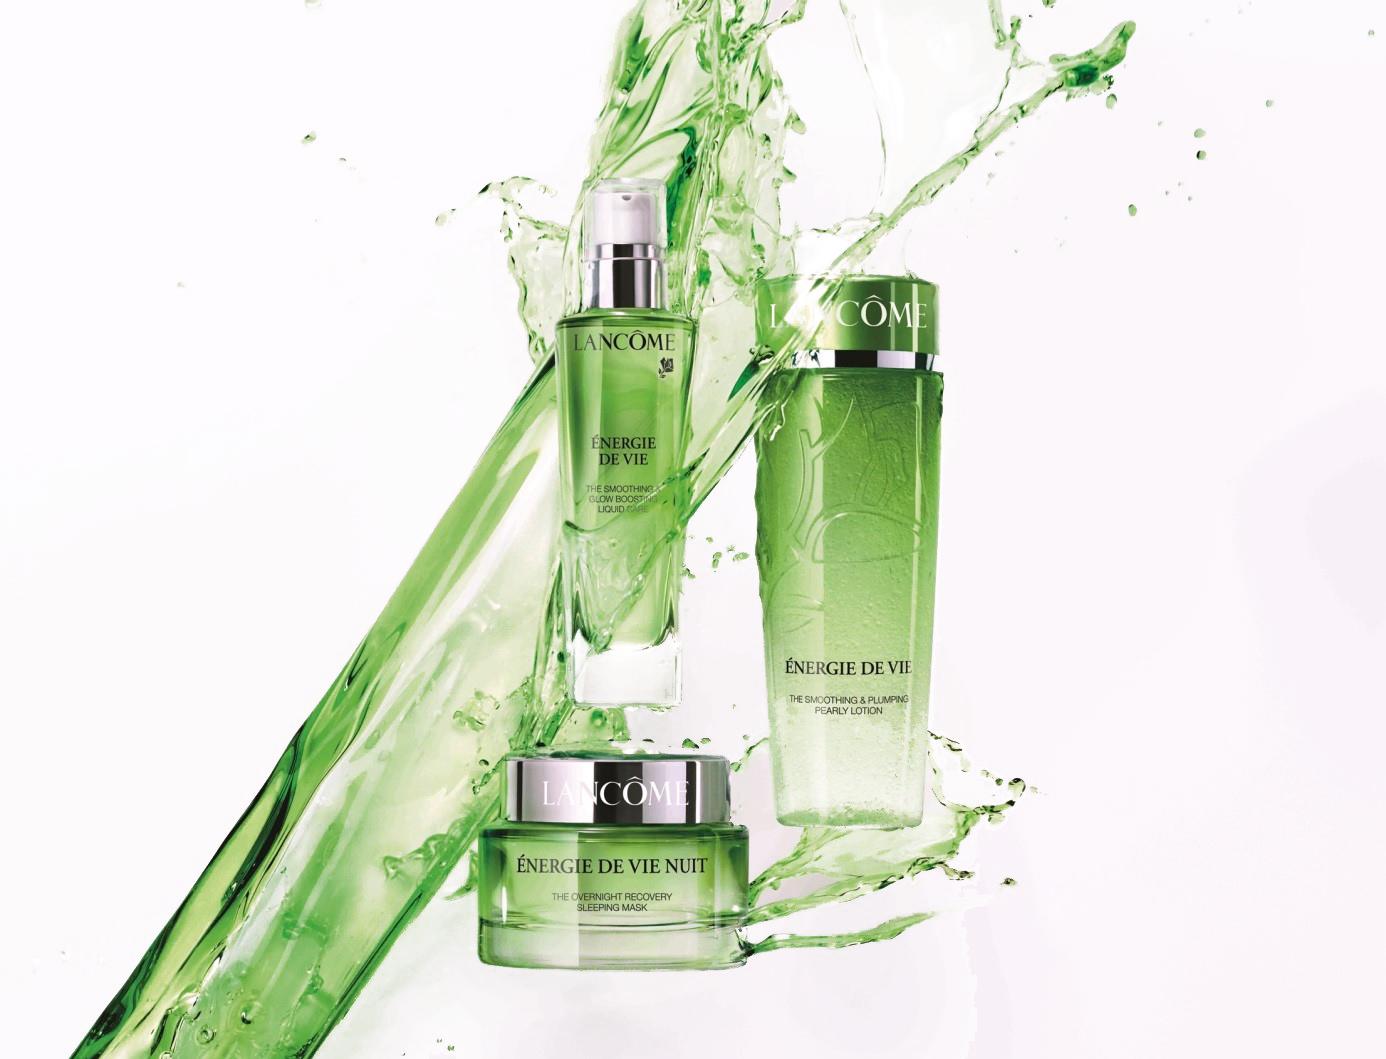 ผลการค้นหารูปภาพสำหรับ Energie De Vie The Smoothing & Plumping Water-Infused Cream